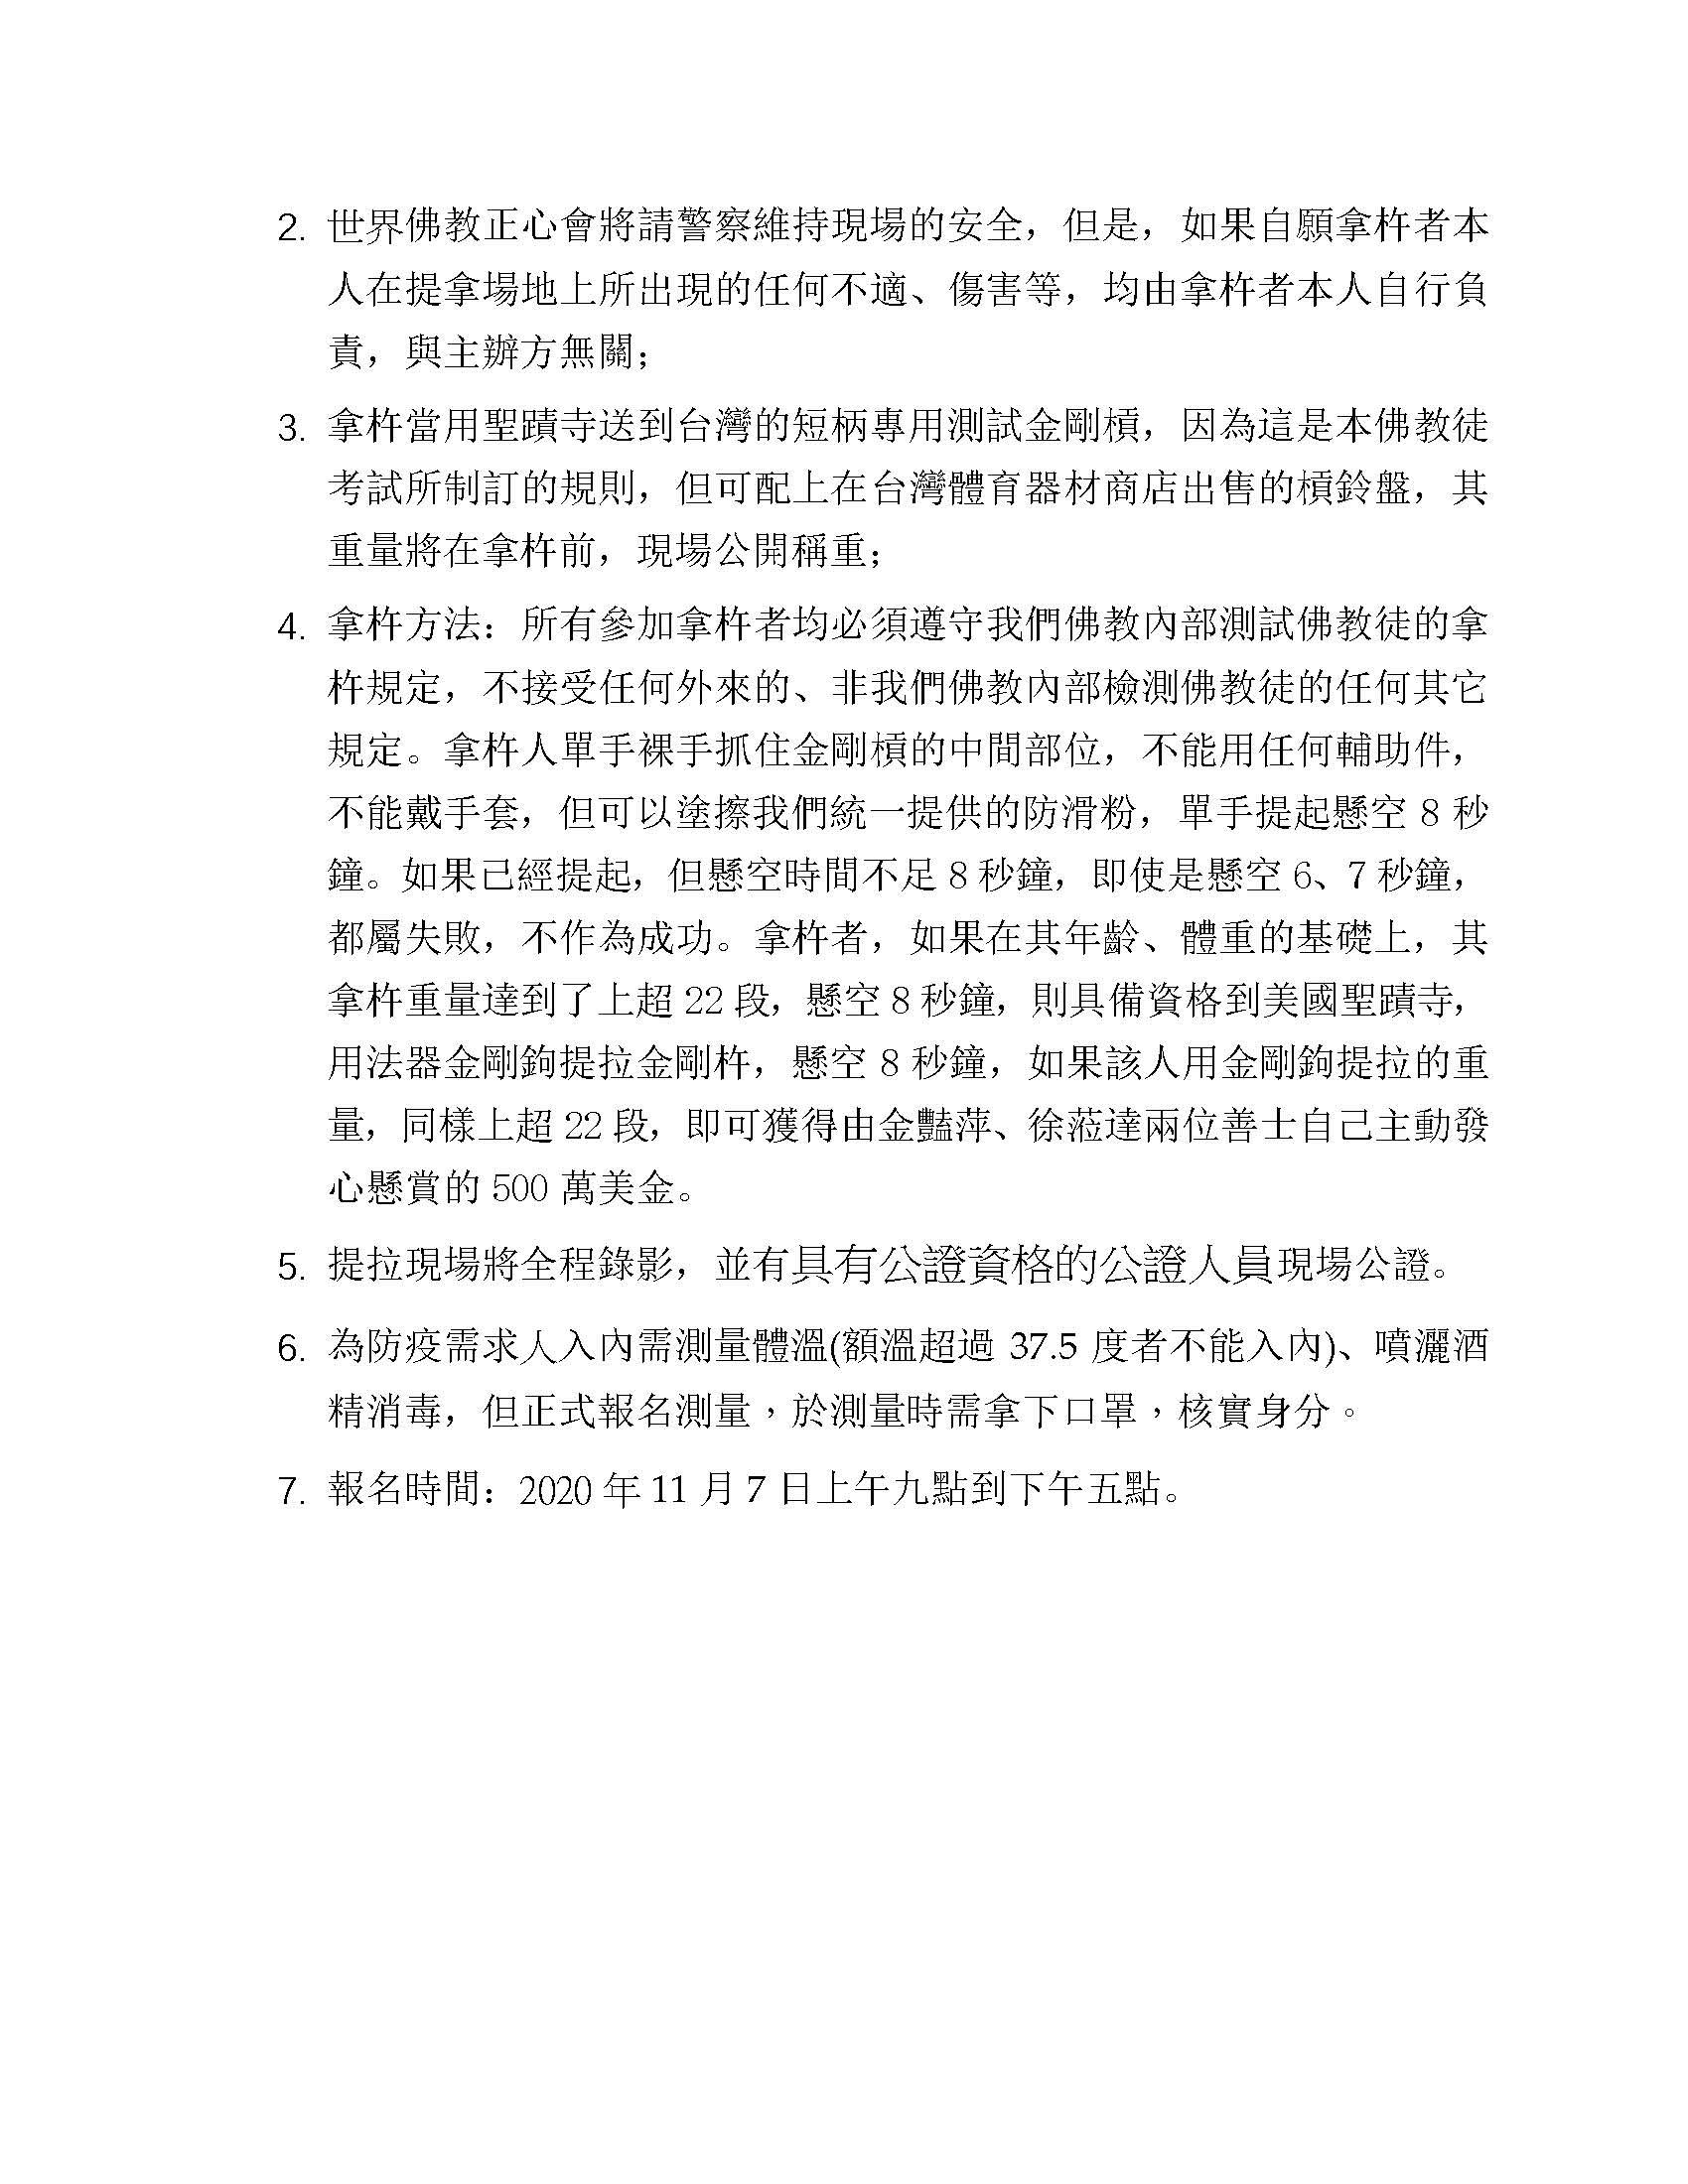 """世界佛教正心會舉辦""""拿杵上座""""測試公告_頁面_3"""